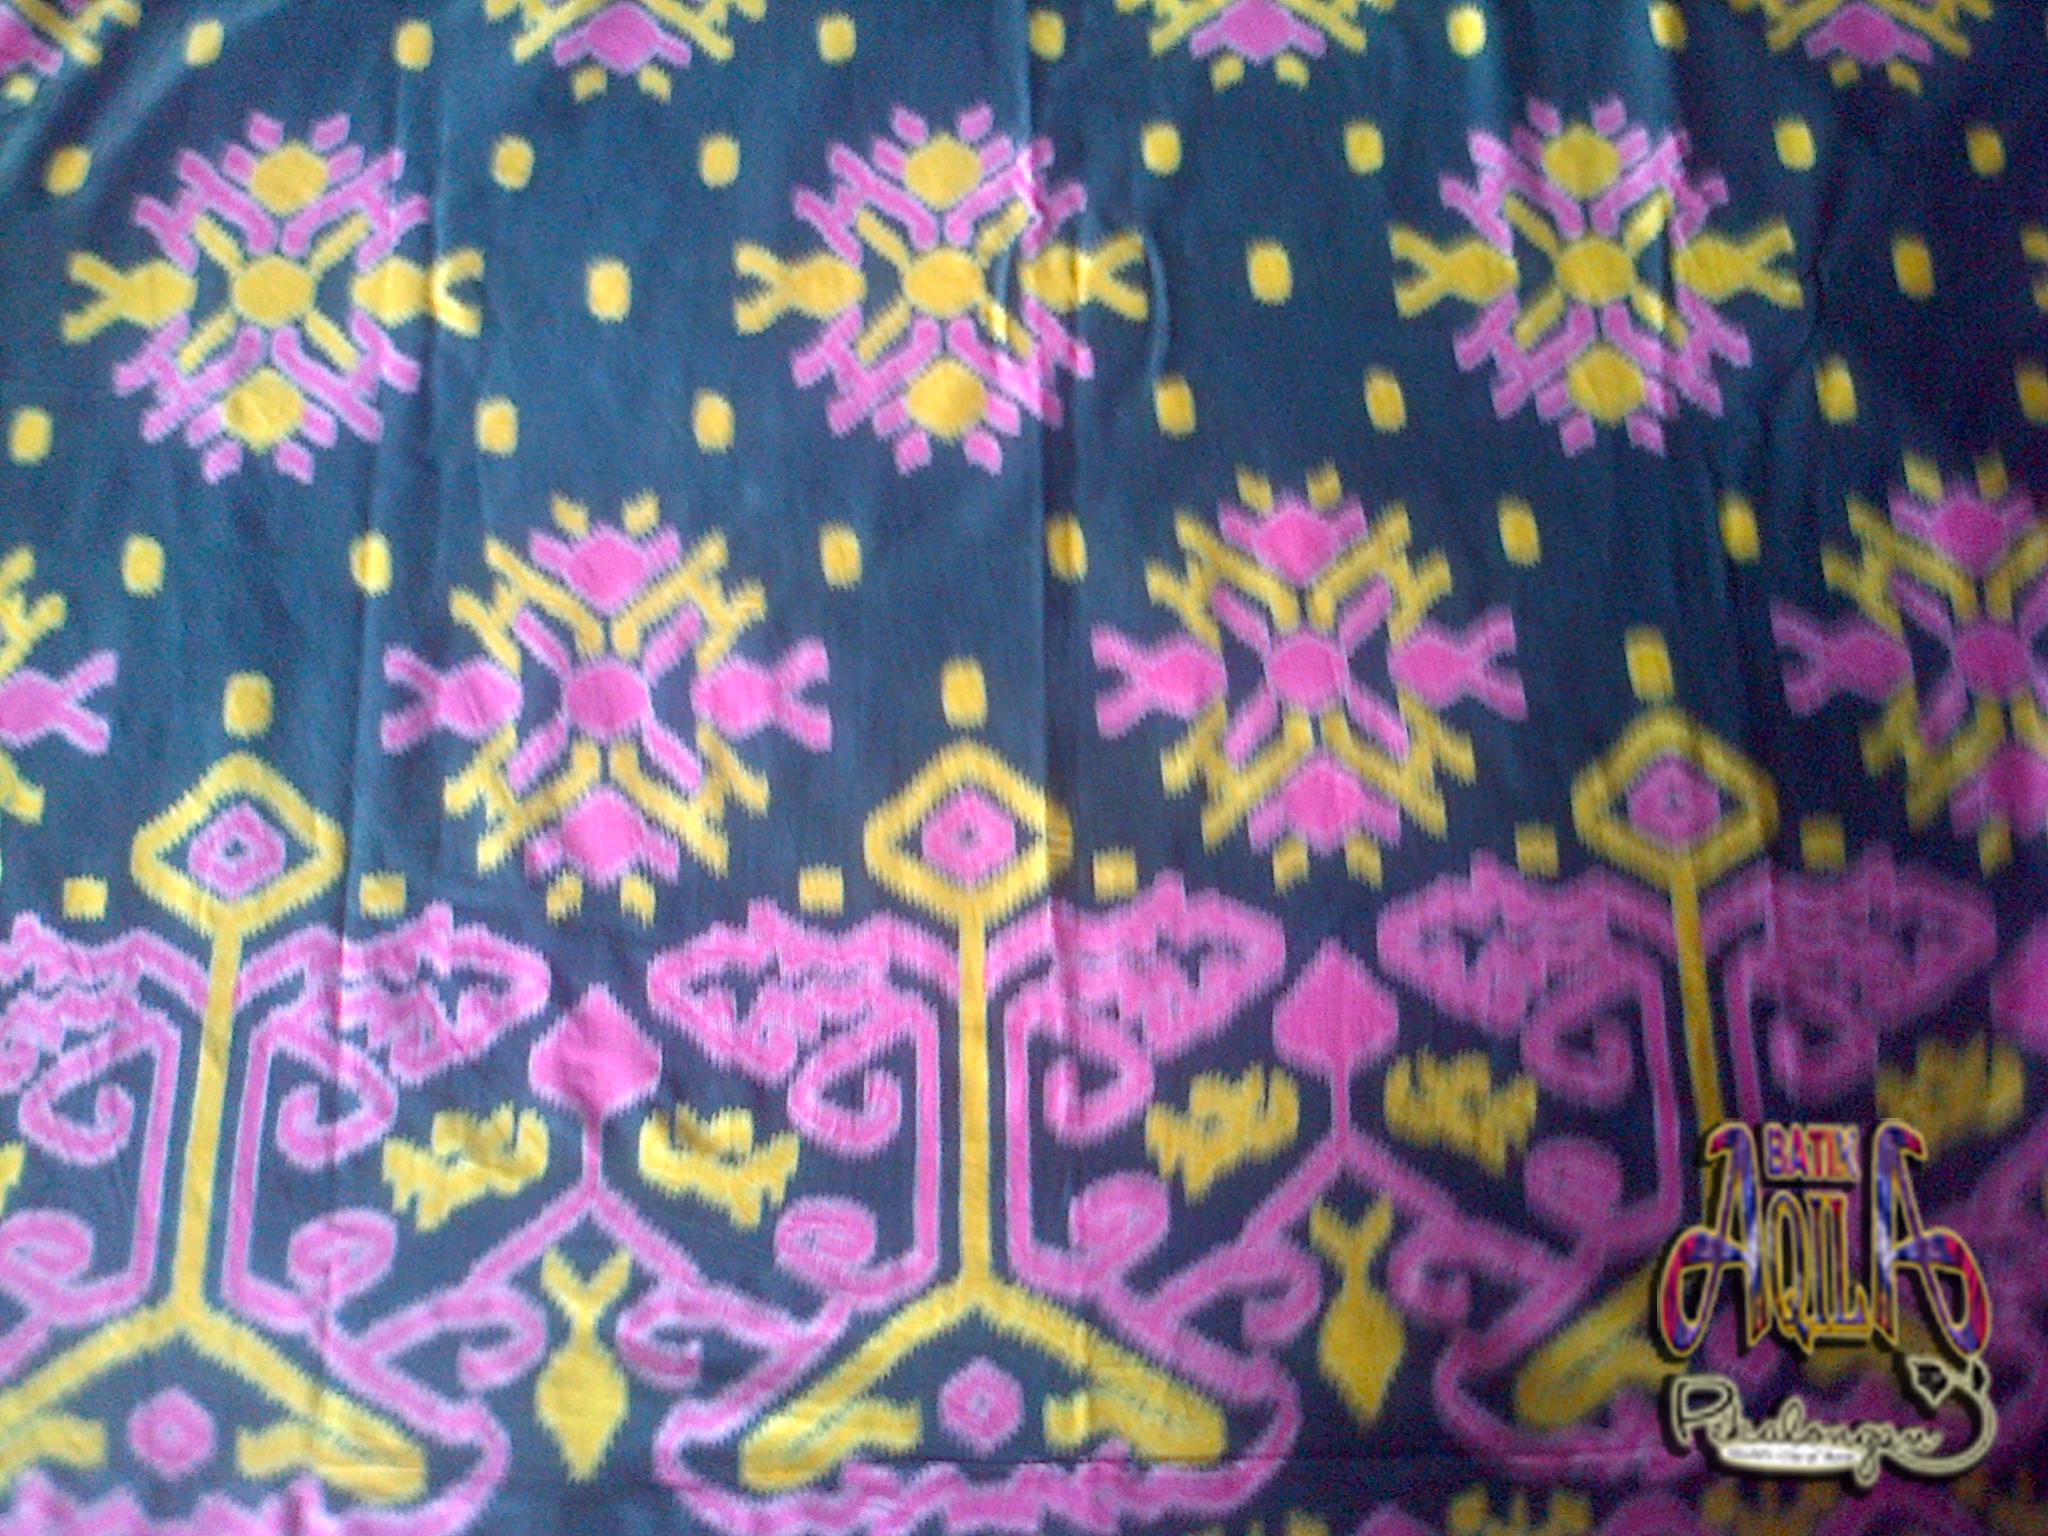 Kain Batik Motif Songket PRODUSEN BAJU Batik SERAGAM SEKOLAH KANTOR BATIK HAJI BATIK